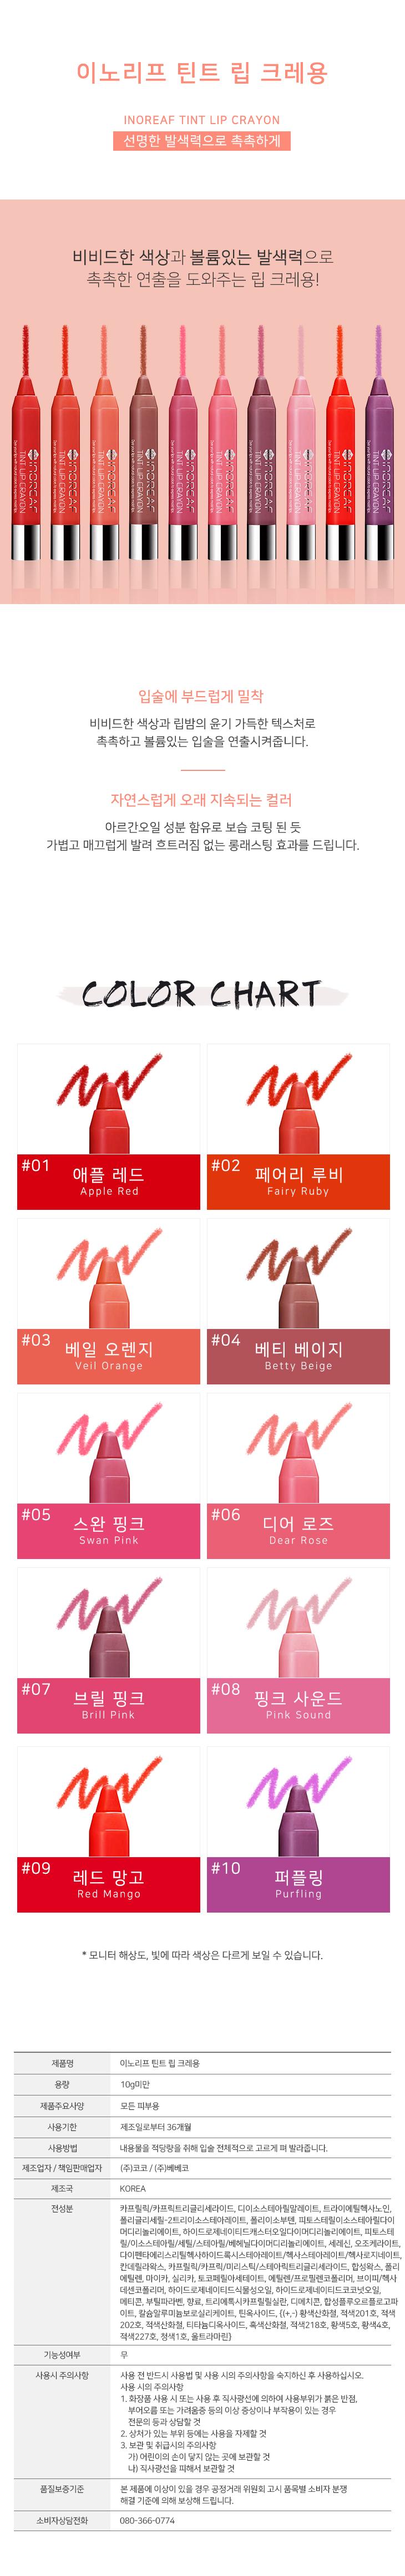 이노리프 틴트 립 크레용 - 베베코, 9,000원, 립메이크업, 립틴트/타투